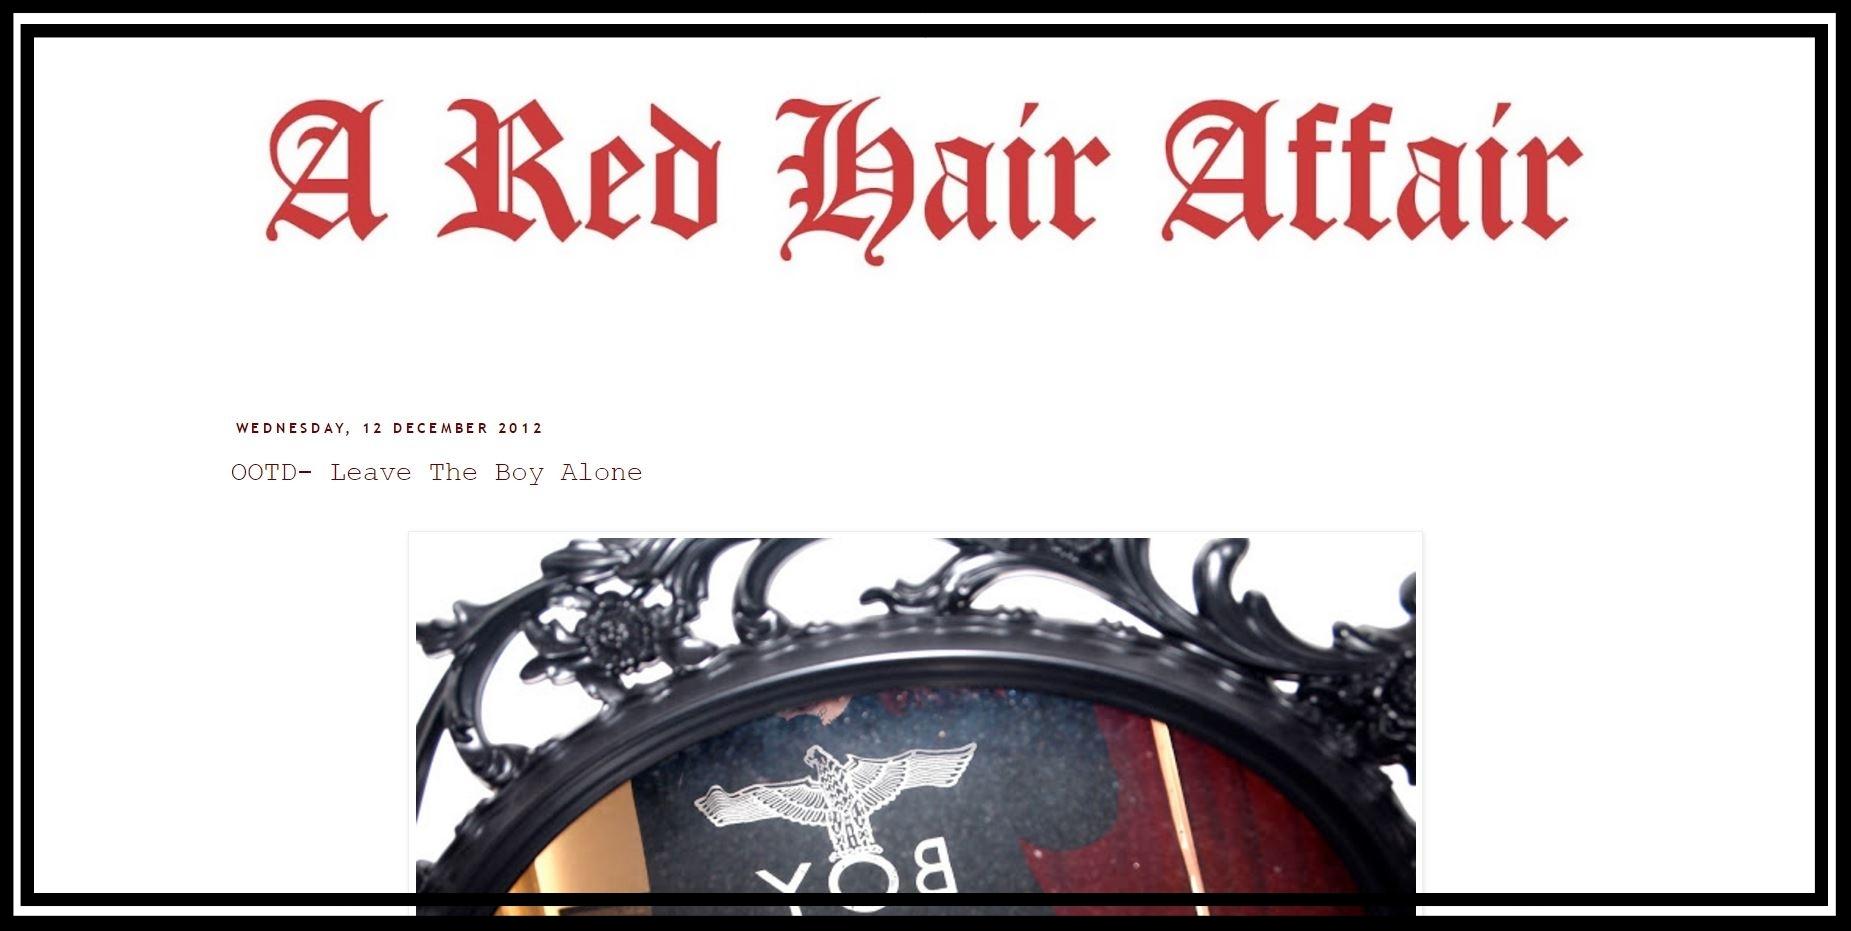 A Red Hair Affair - a trip down memory lane